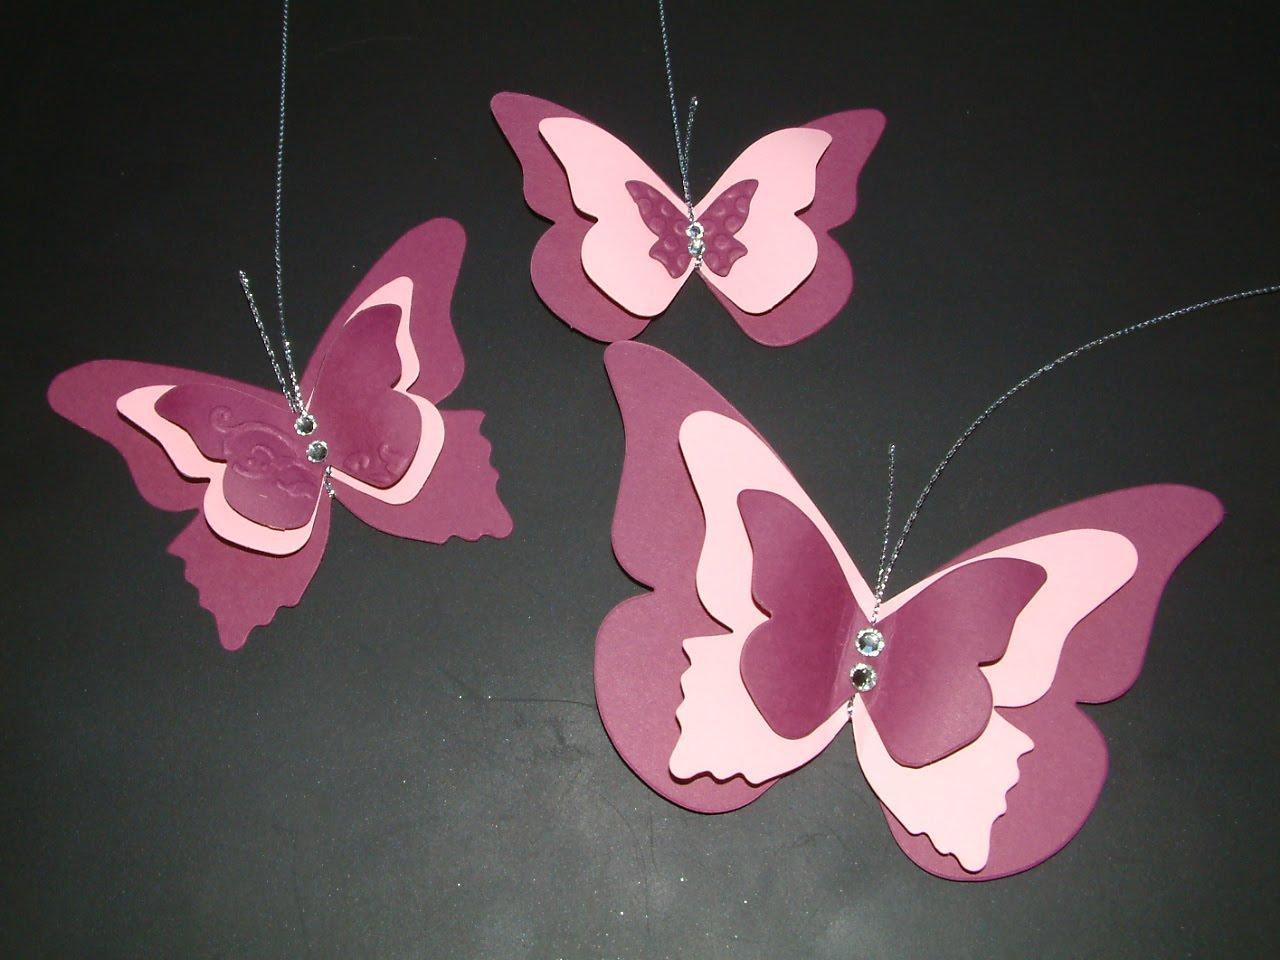 Mandala Blumen - Gratis Malvorlage für Kinder und  - kostenlose malvorlagen blumen